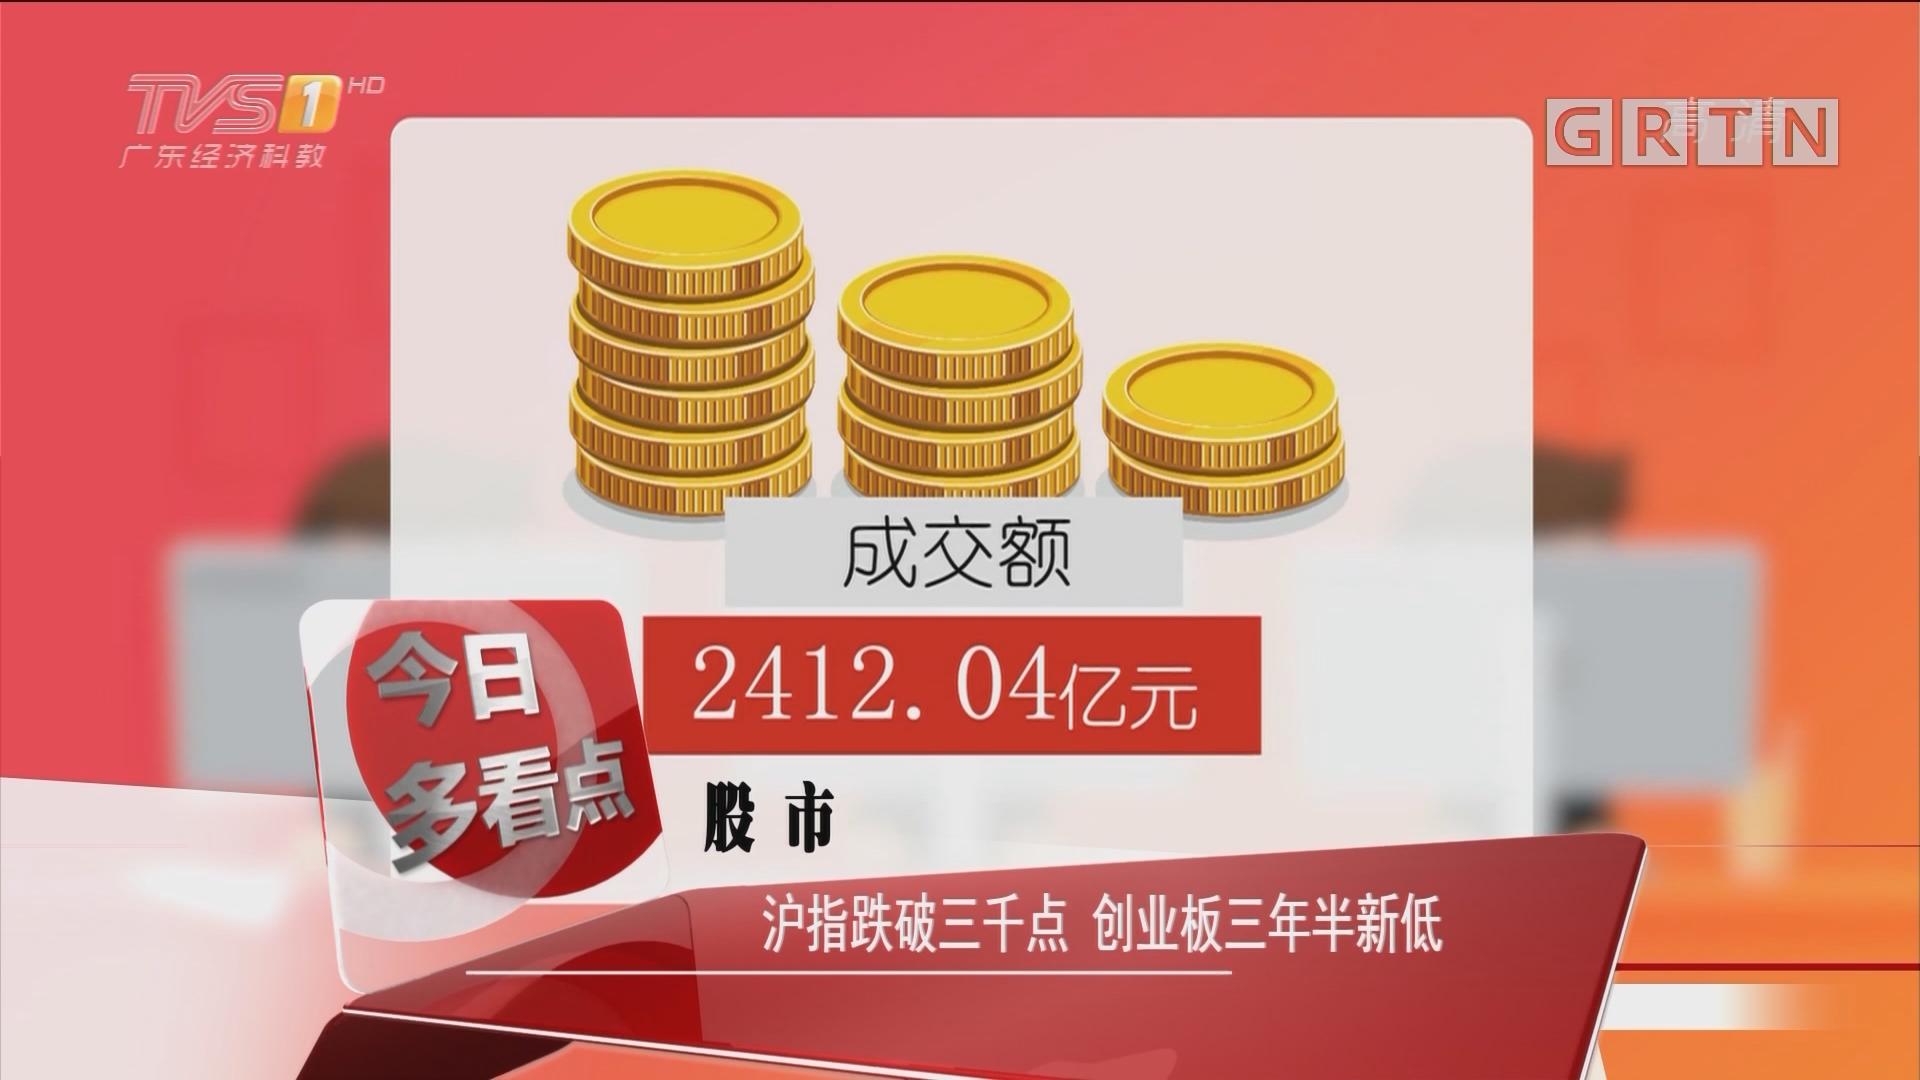 股市:沪指跌破三千点 创业板三年半新低